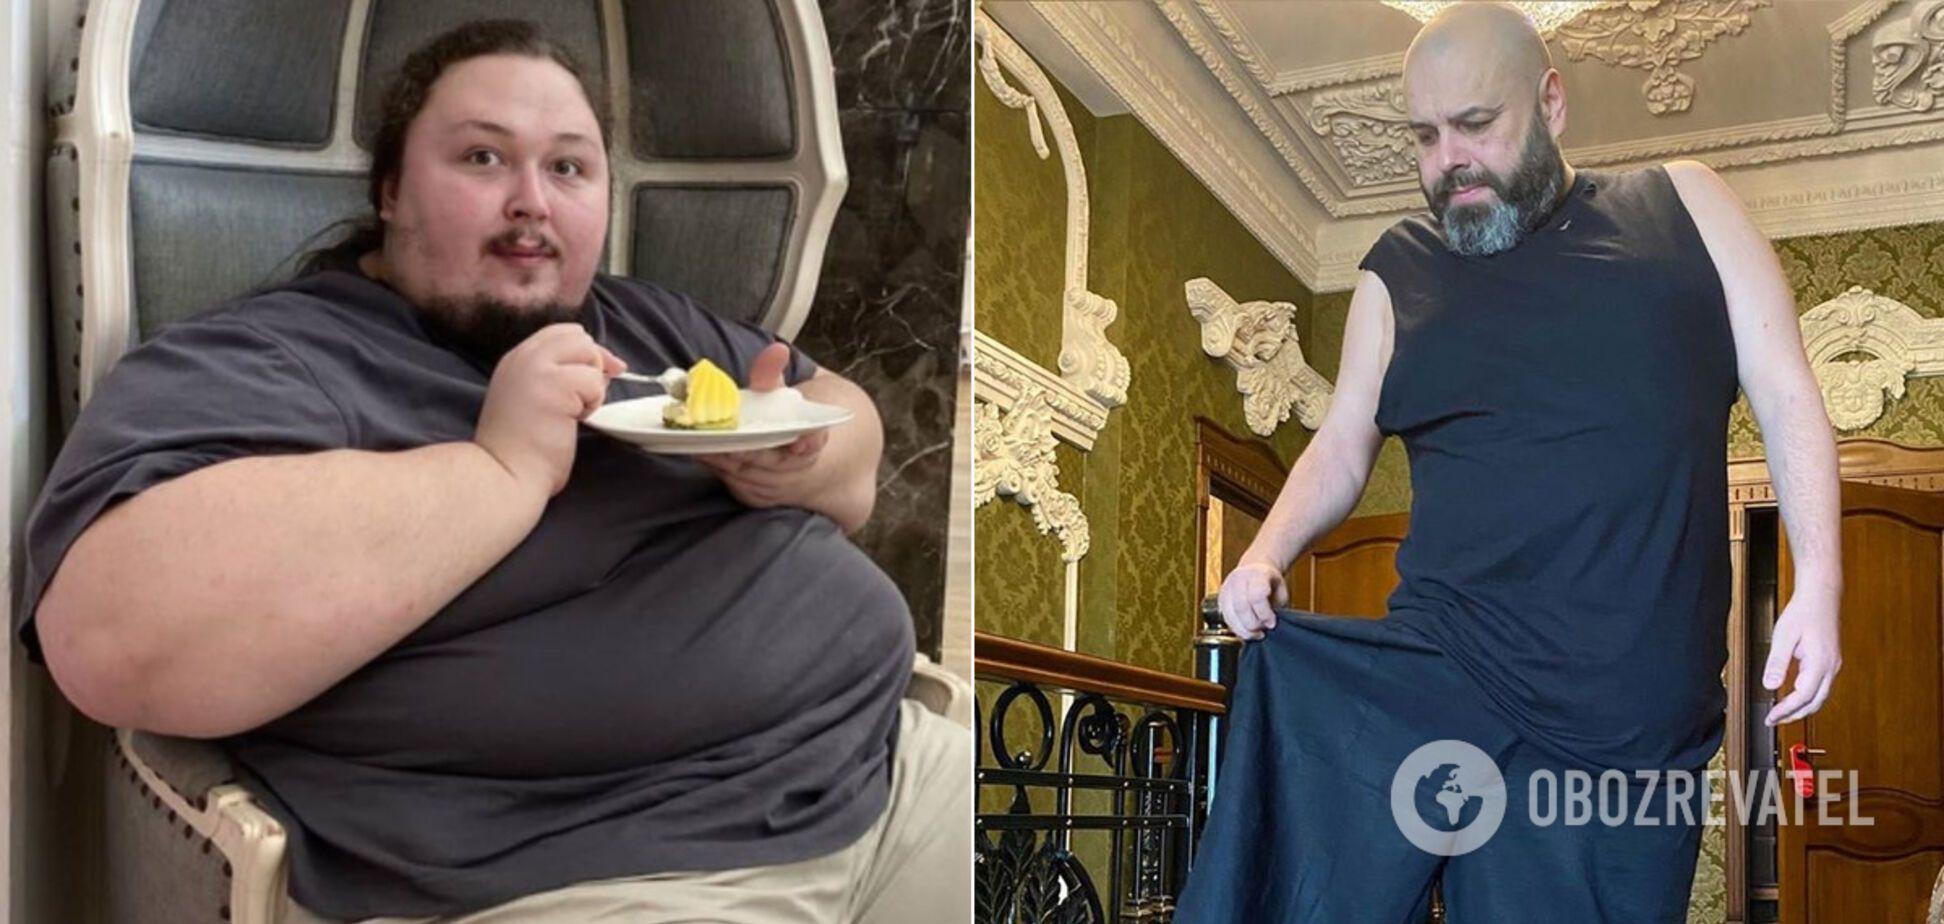 Сын Сафронова высмеял похудевшего на 100 кг Фадеева